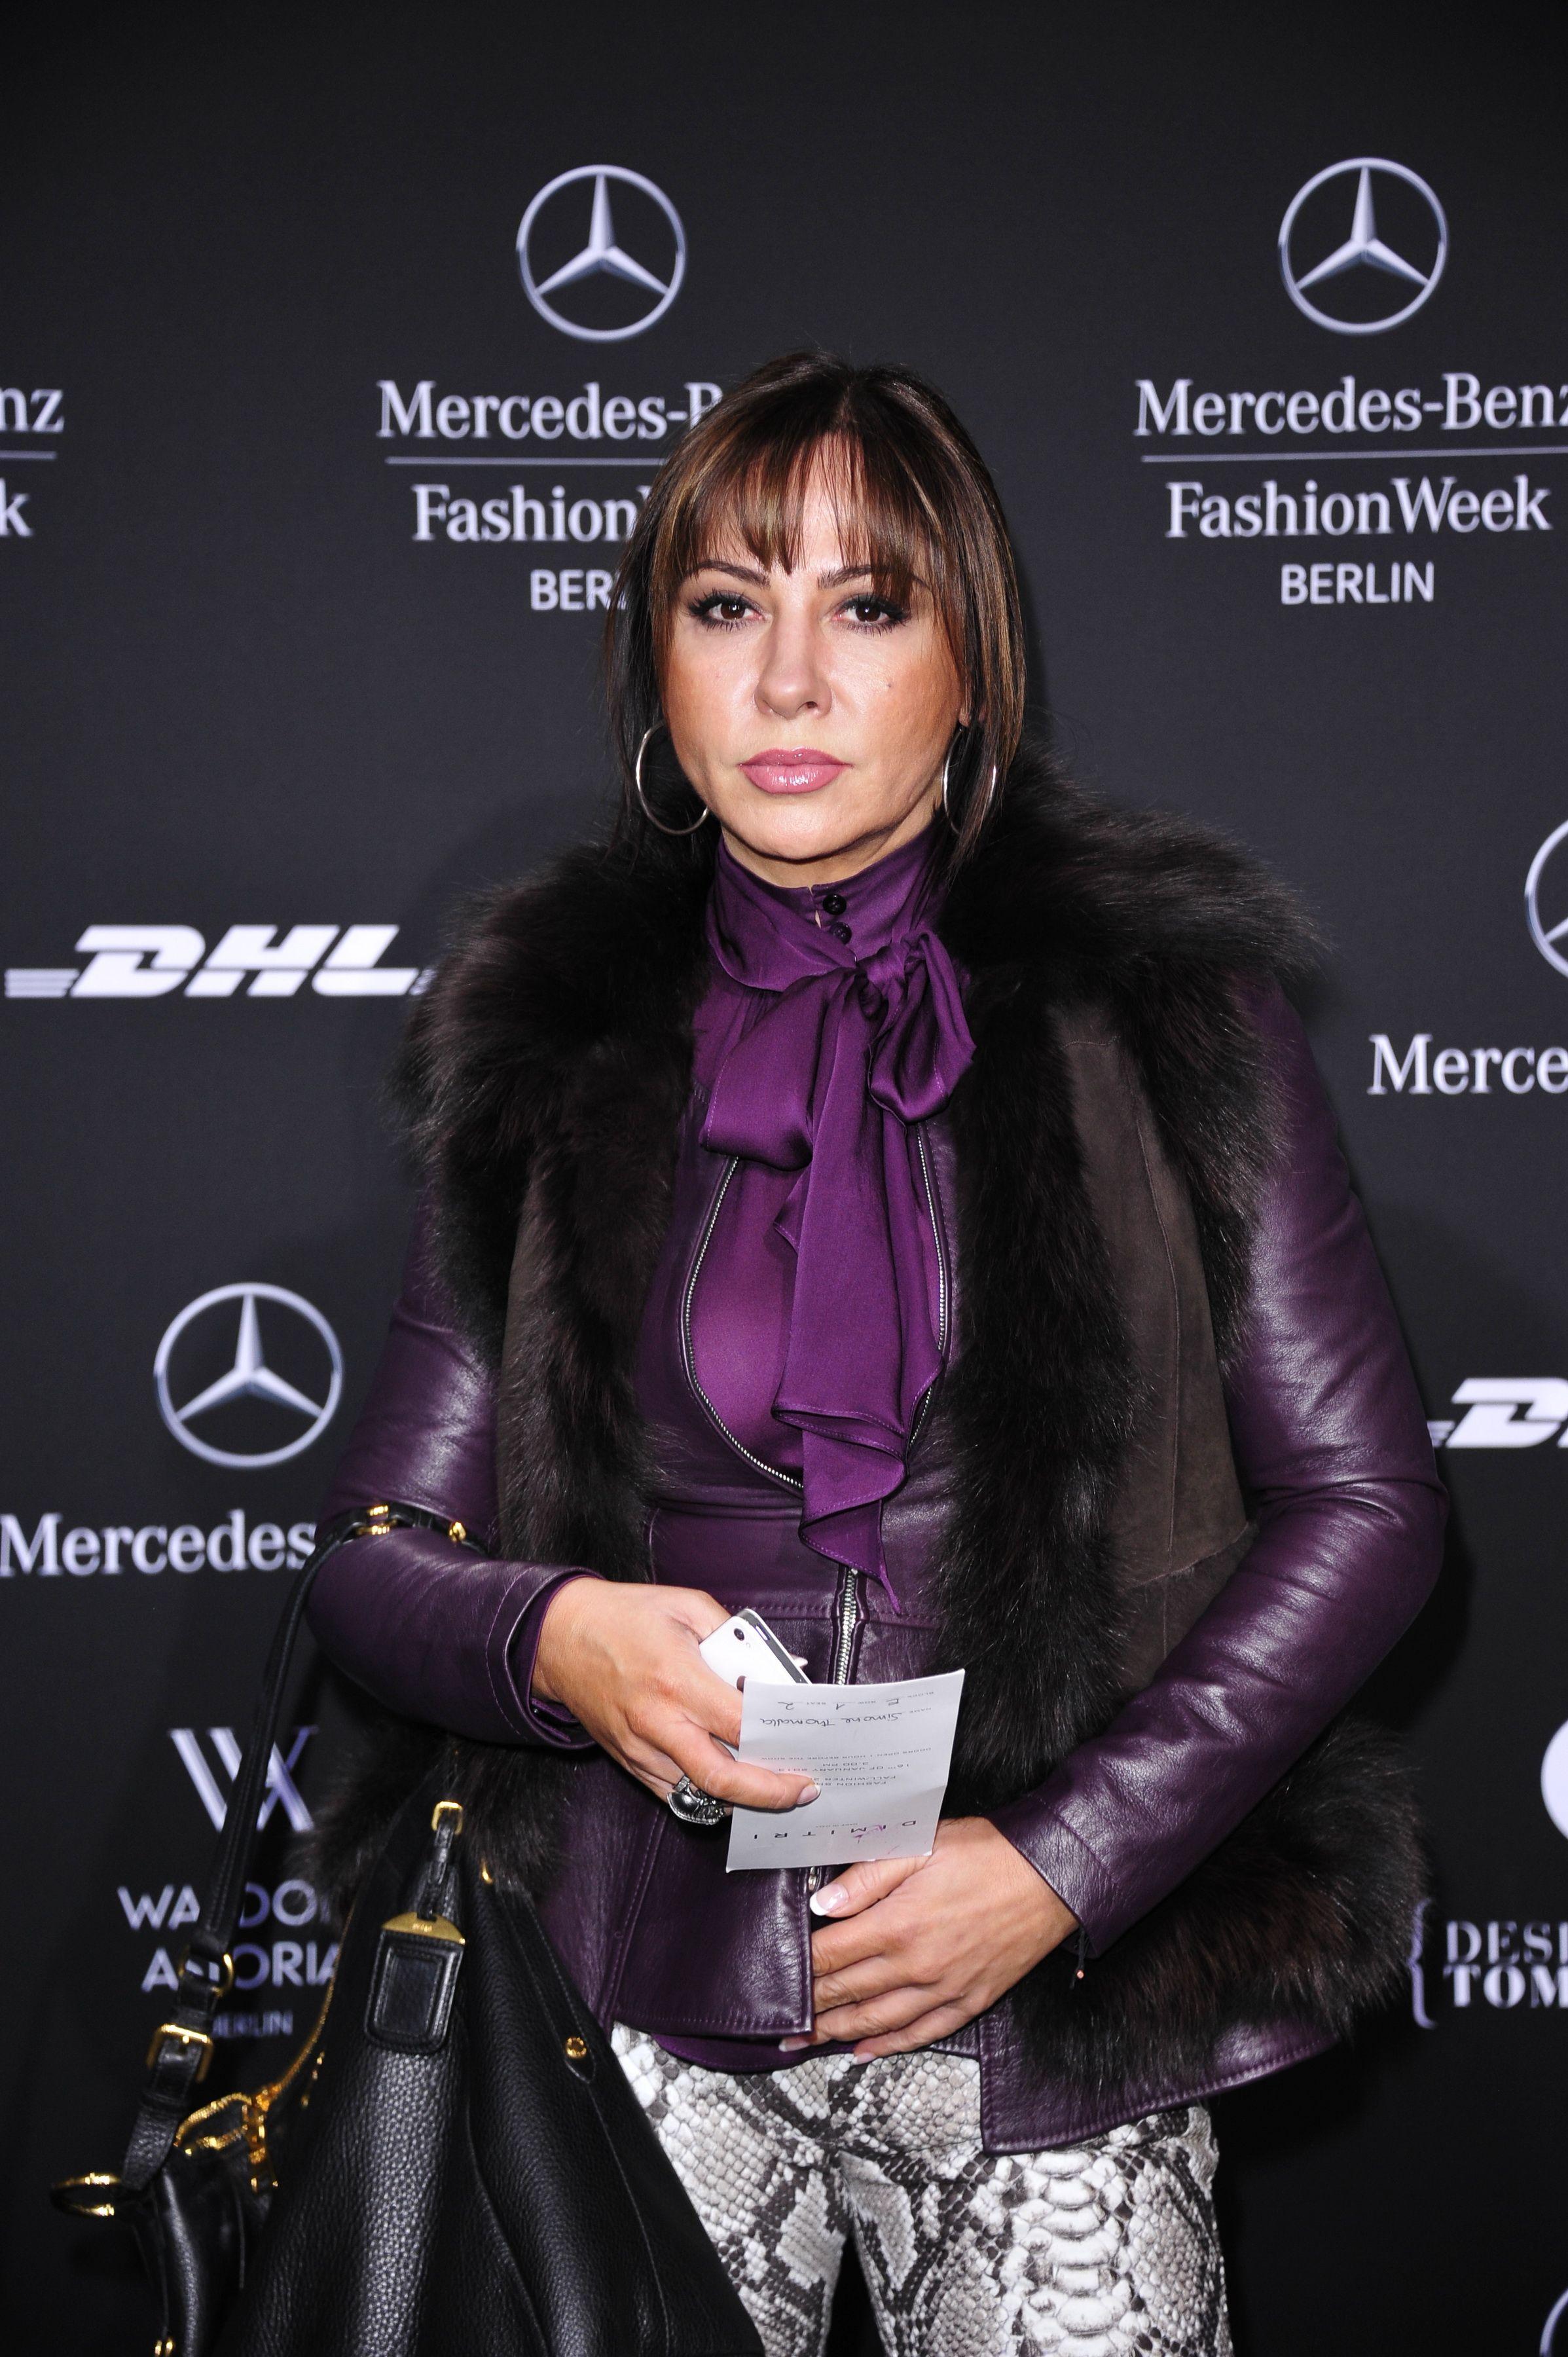 50358_fashion_week_0205_122_132lo.jpg